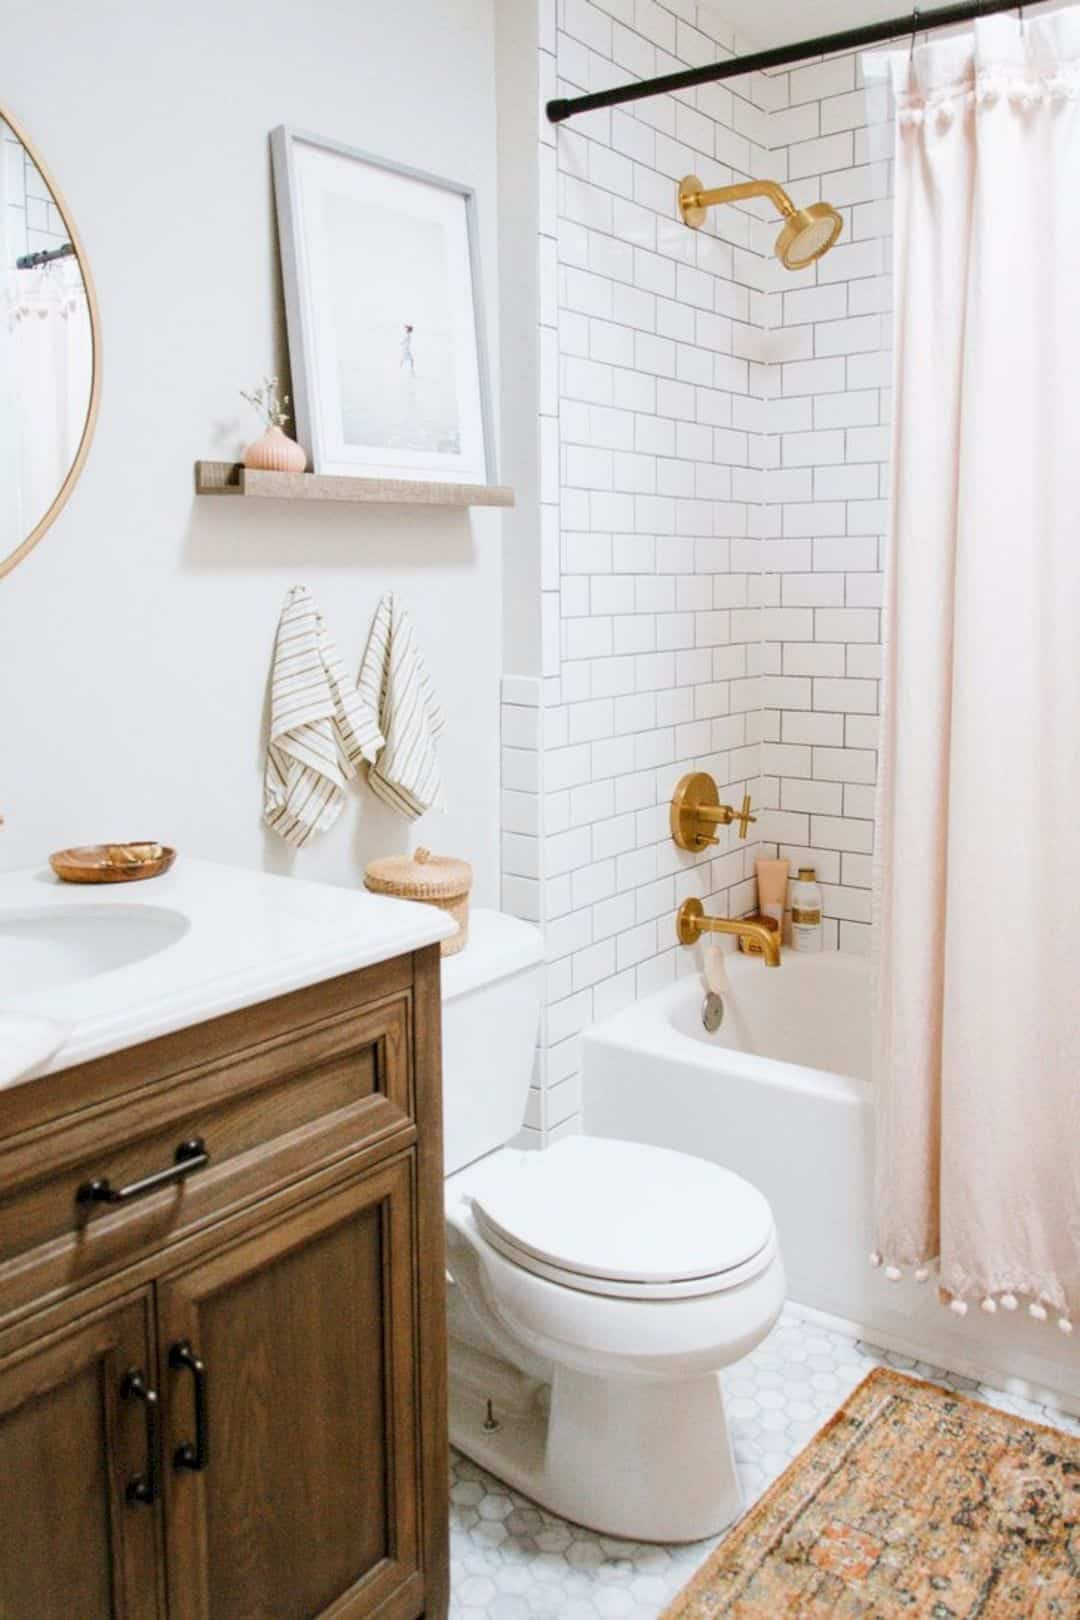 Bathroom Decor On A Budget Awesome 40 Creative Bathroom Decor Ideas On A Bud